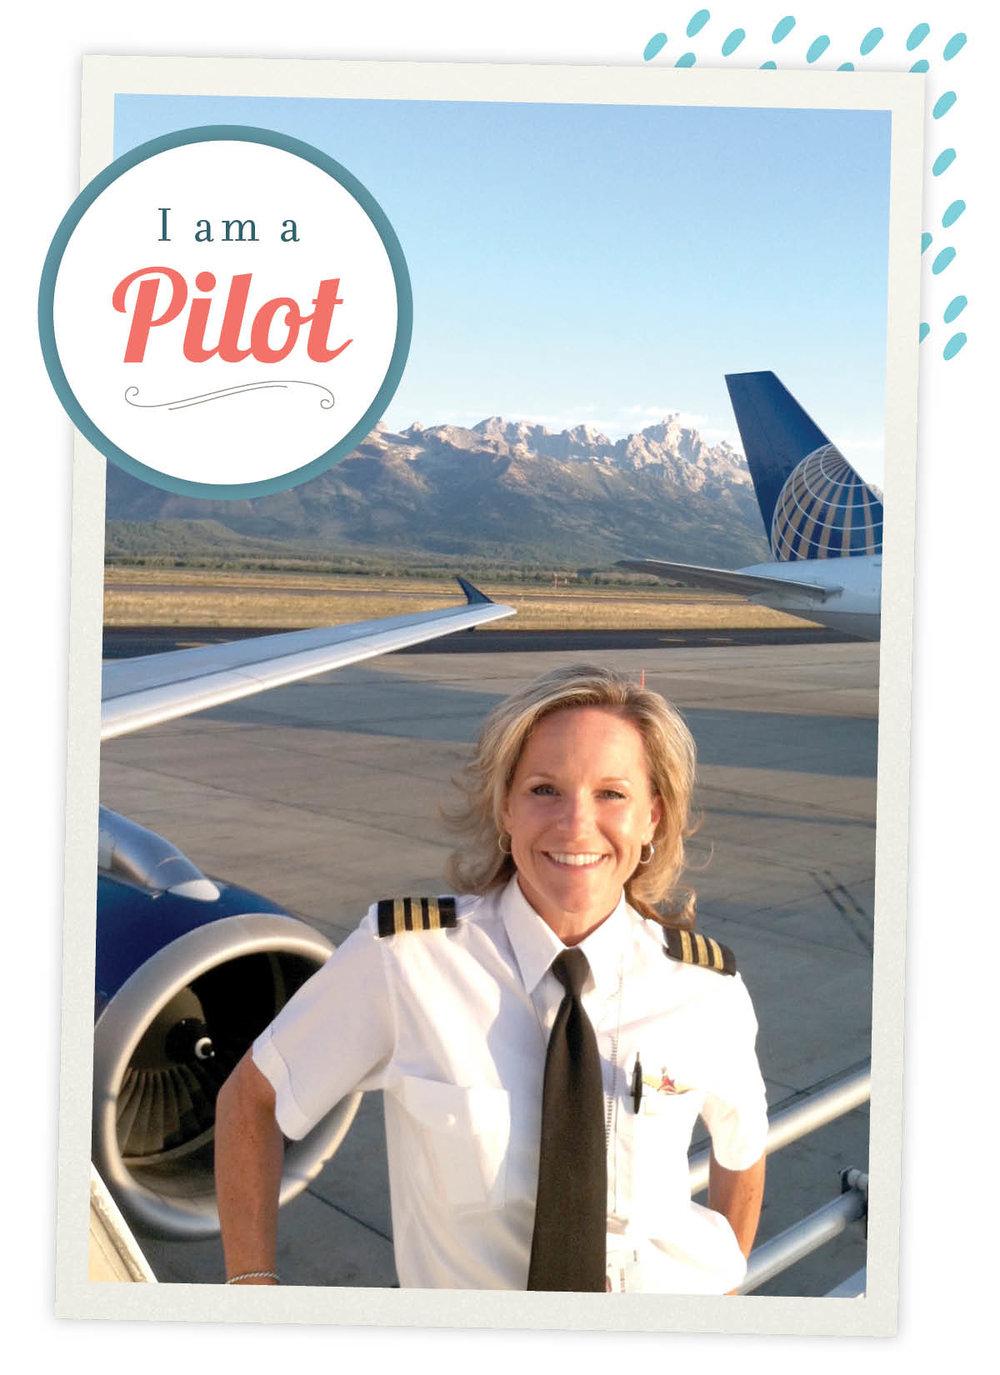 I love being a pilot